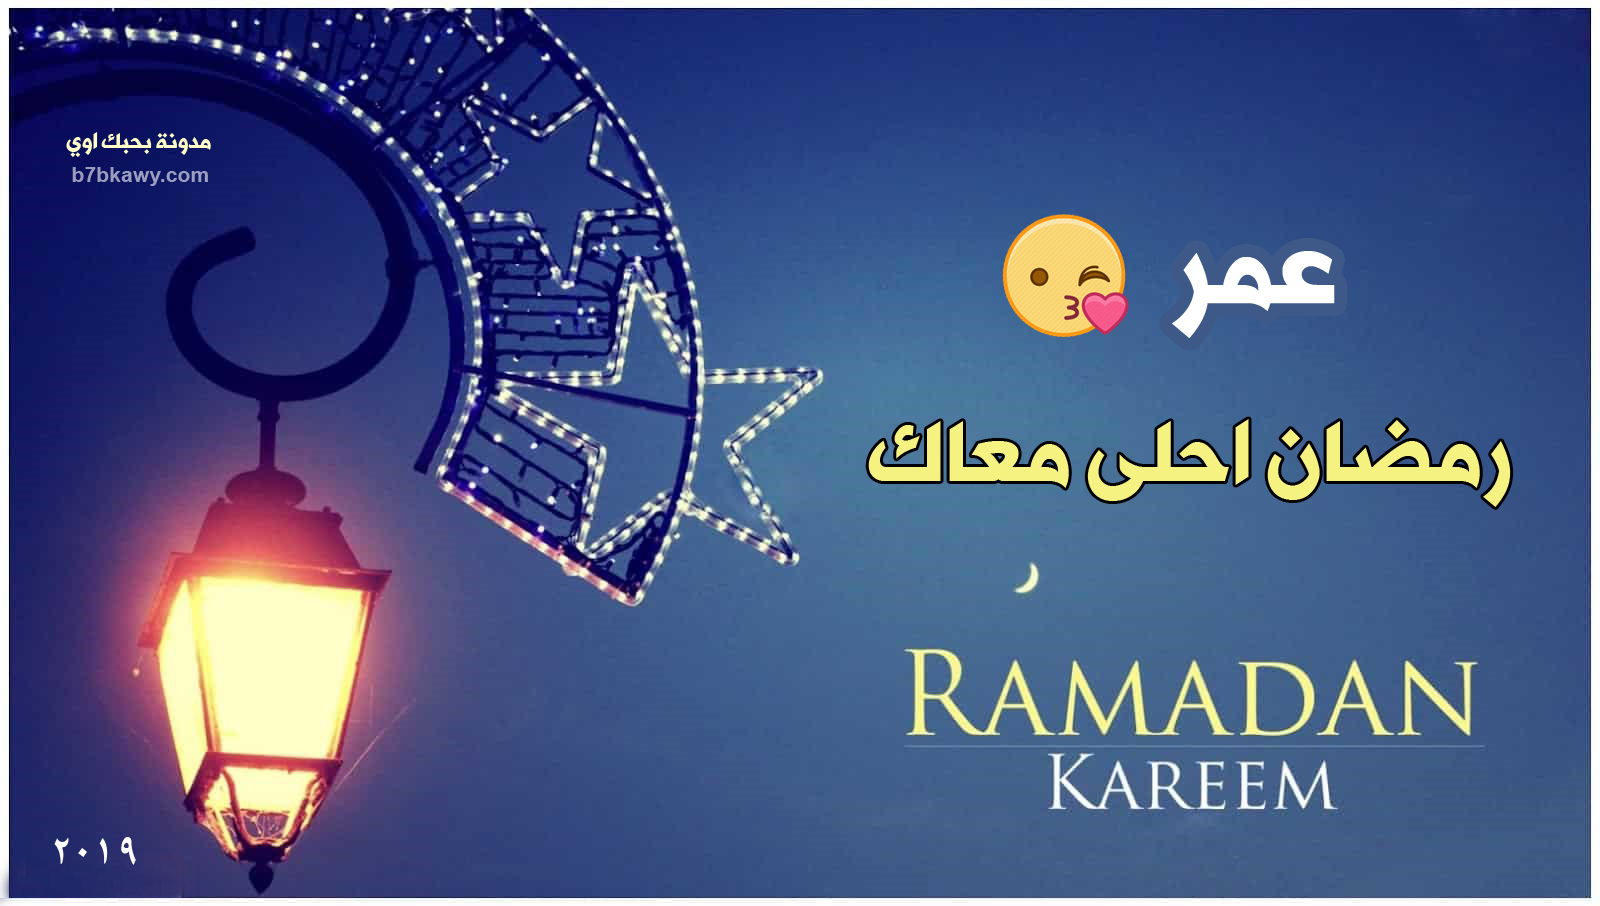 رمضان احلى مع الاسماء صور تهنئة بوستات رمضان 2020